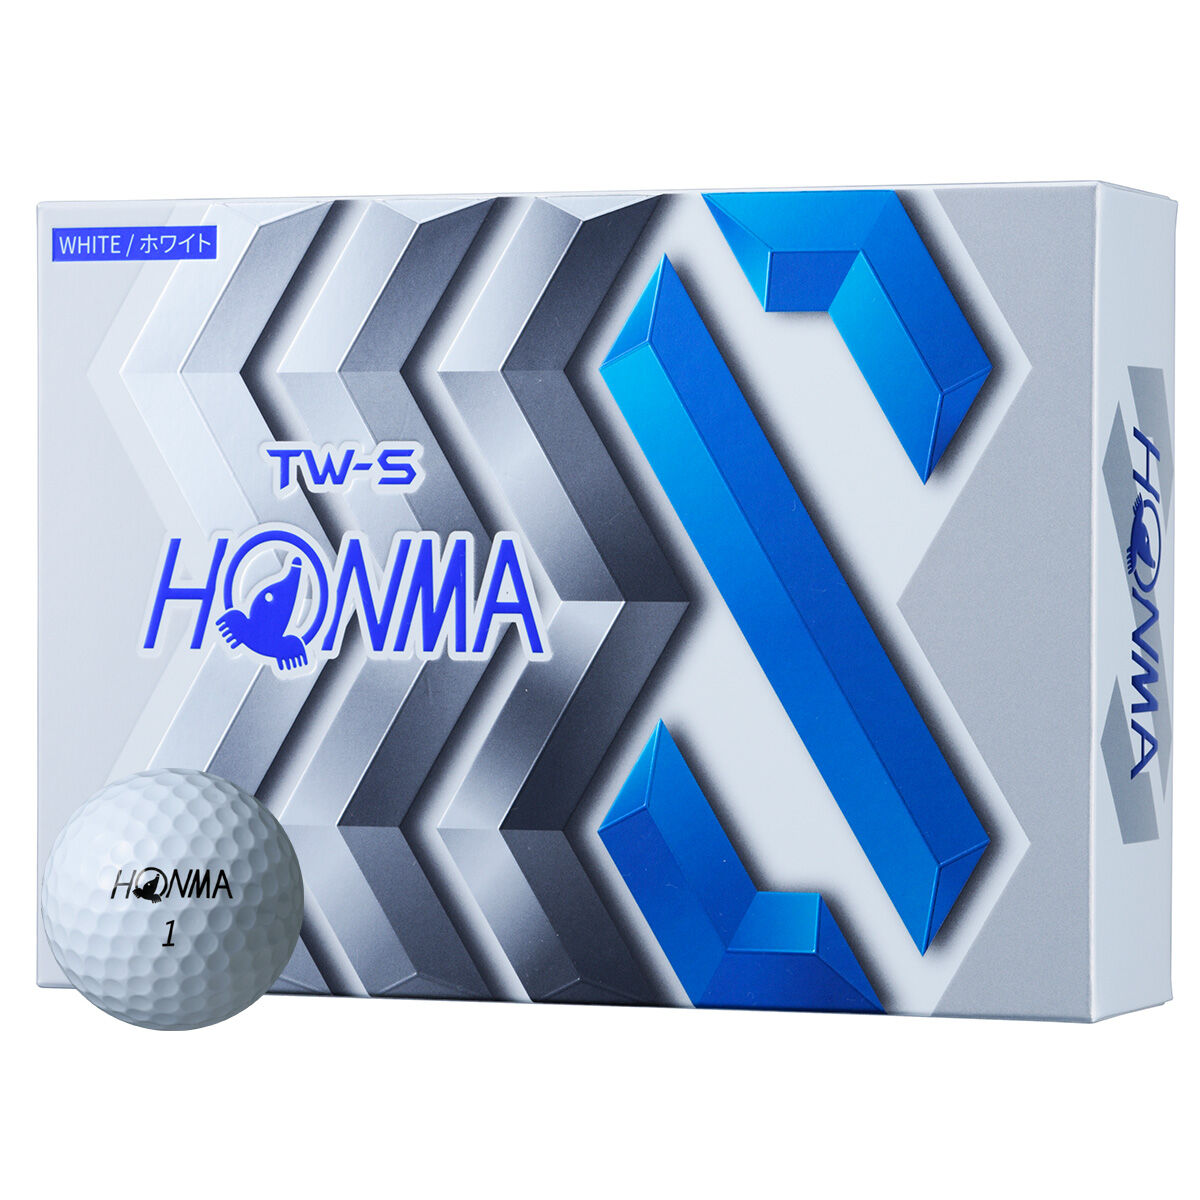 Honma TW-S Urethane